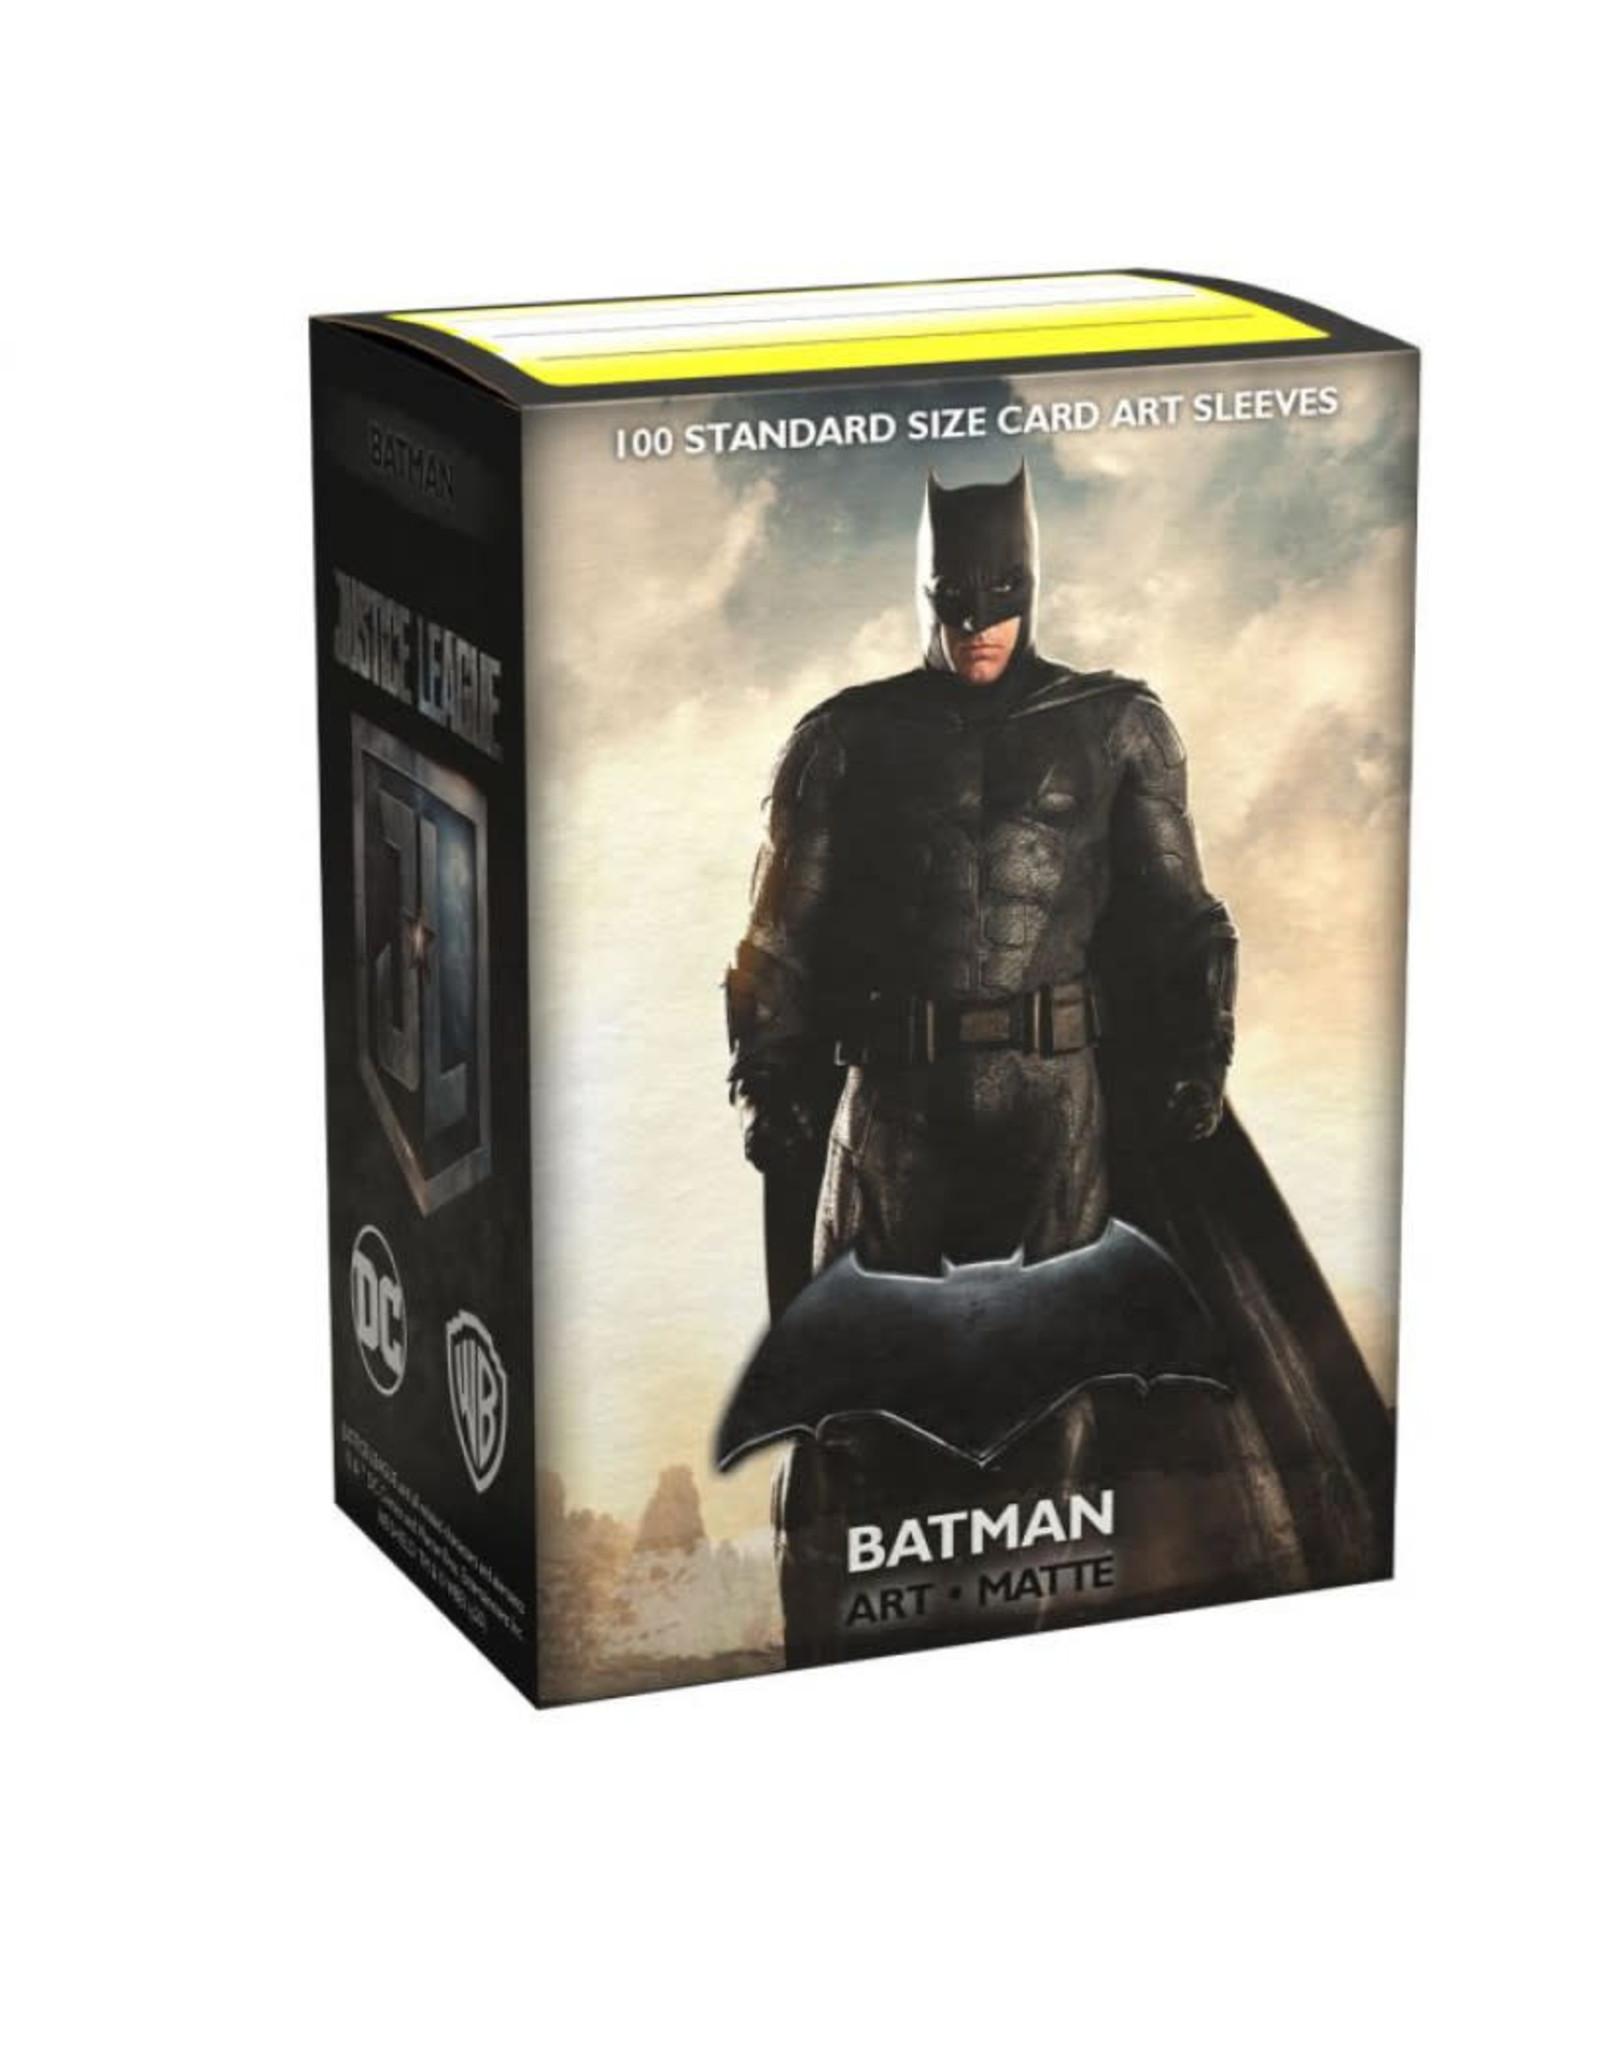 Arcane Tinmen 'Batman' Art Sleeves Matte 100 Standard